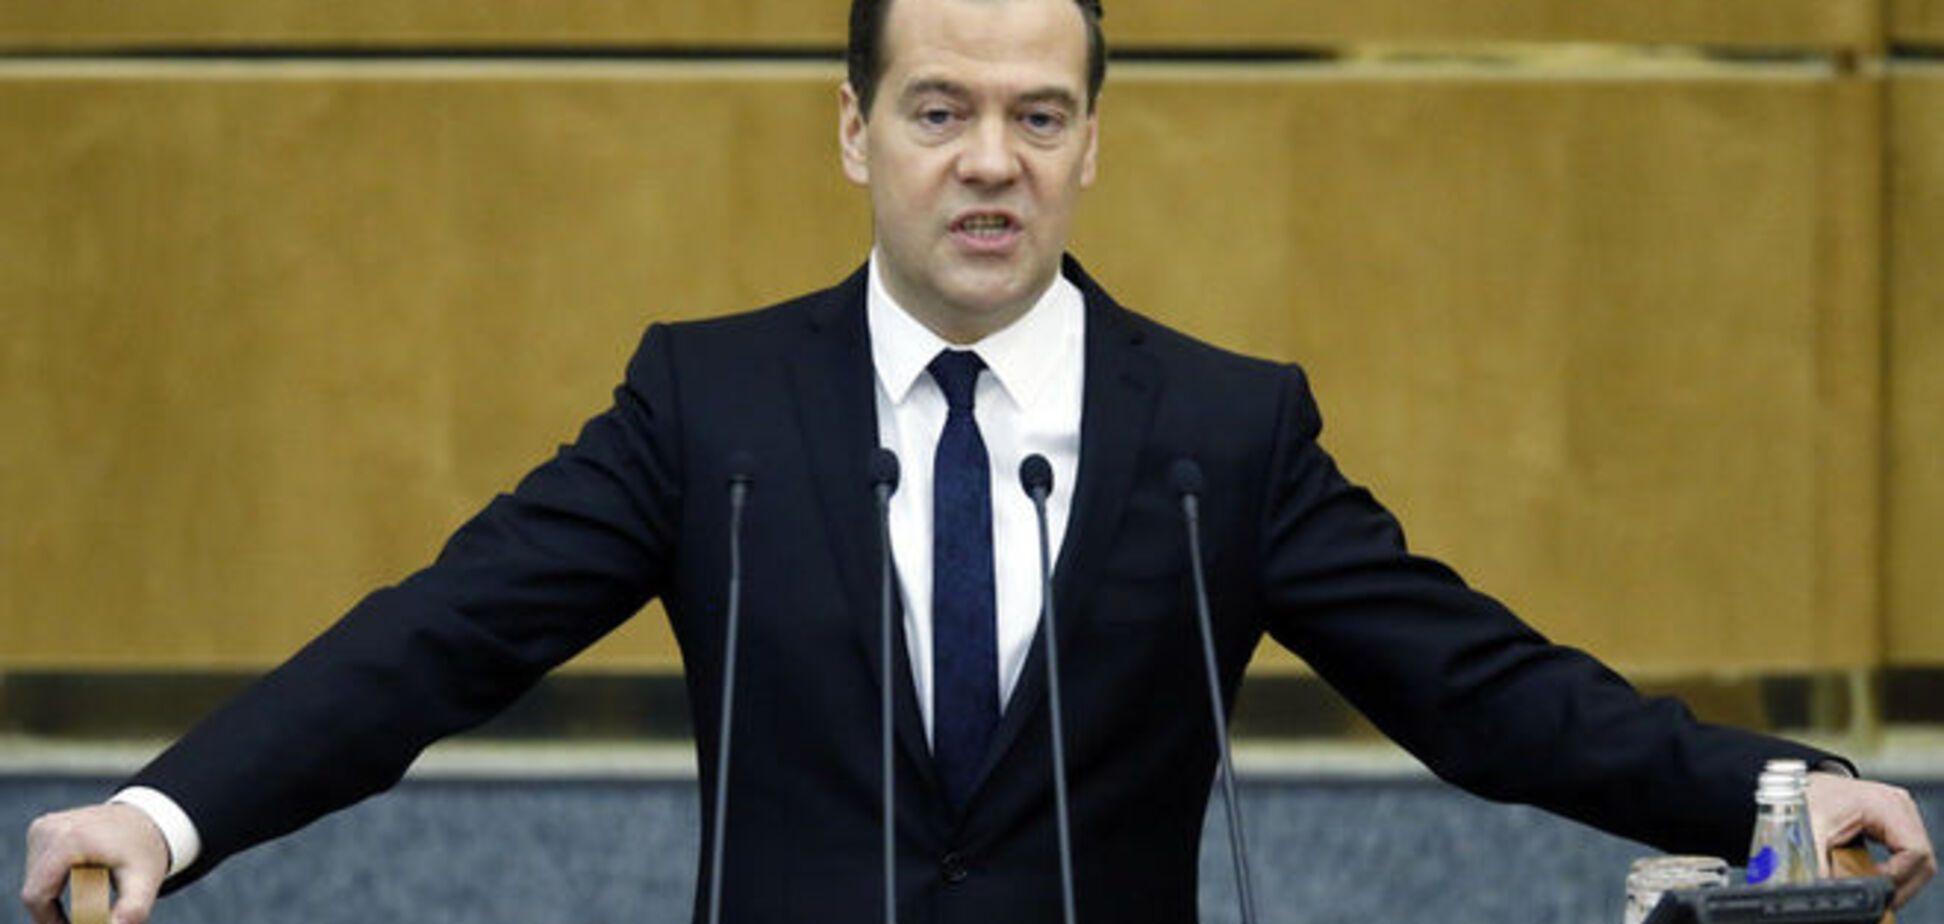 МИД направил гневную ноту России из-за Медведева в Крыму